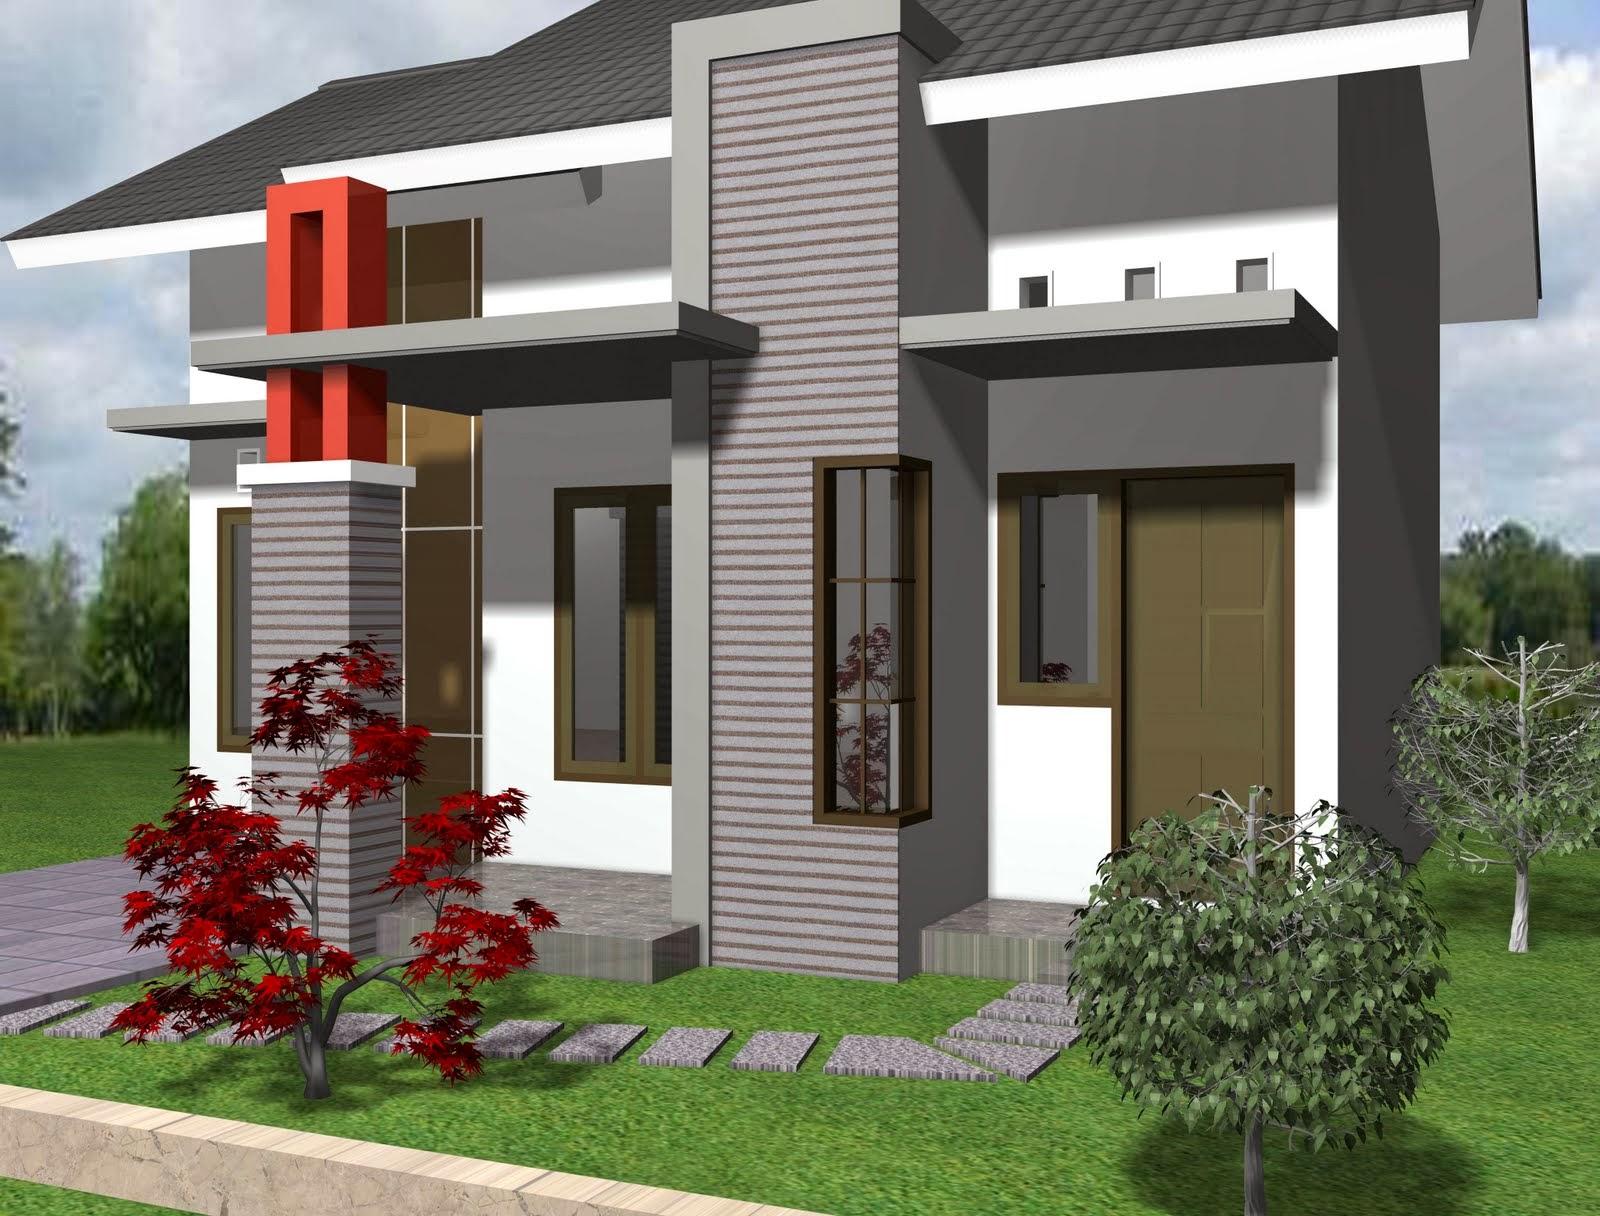 Gambar Desain Rumah Minimalis Sederhana 1 Lantai Berbagi Sejuta Info